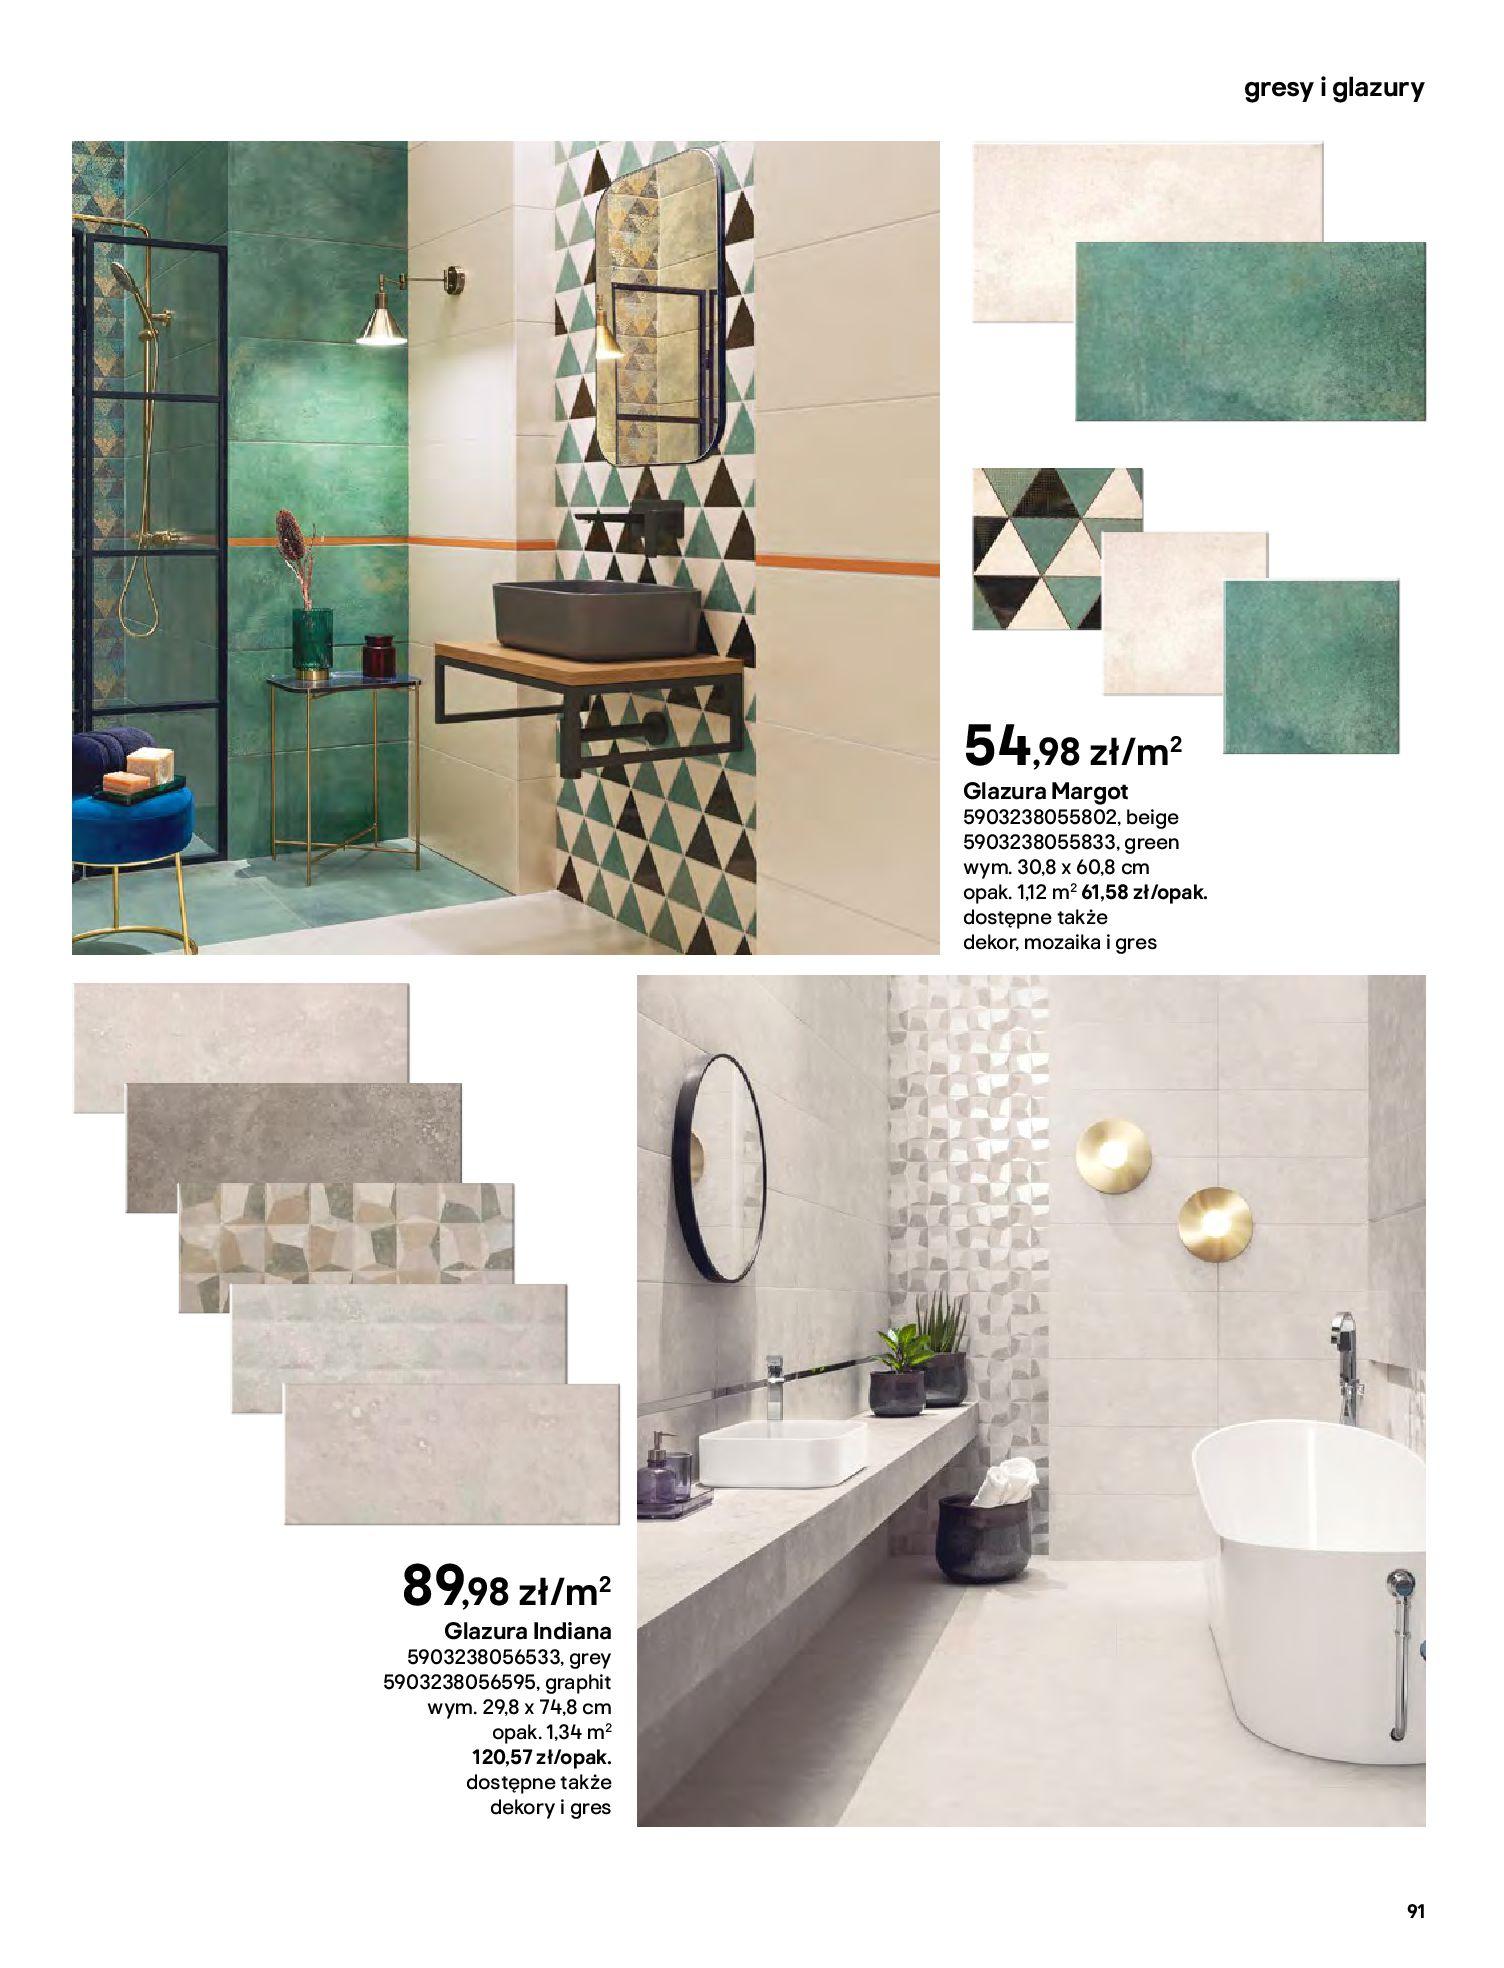 Gazetka Castorama: Gazetka Castorama - katalog łazienki 2021 2021-06-16 page-91